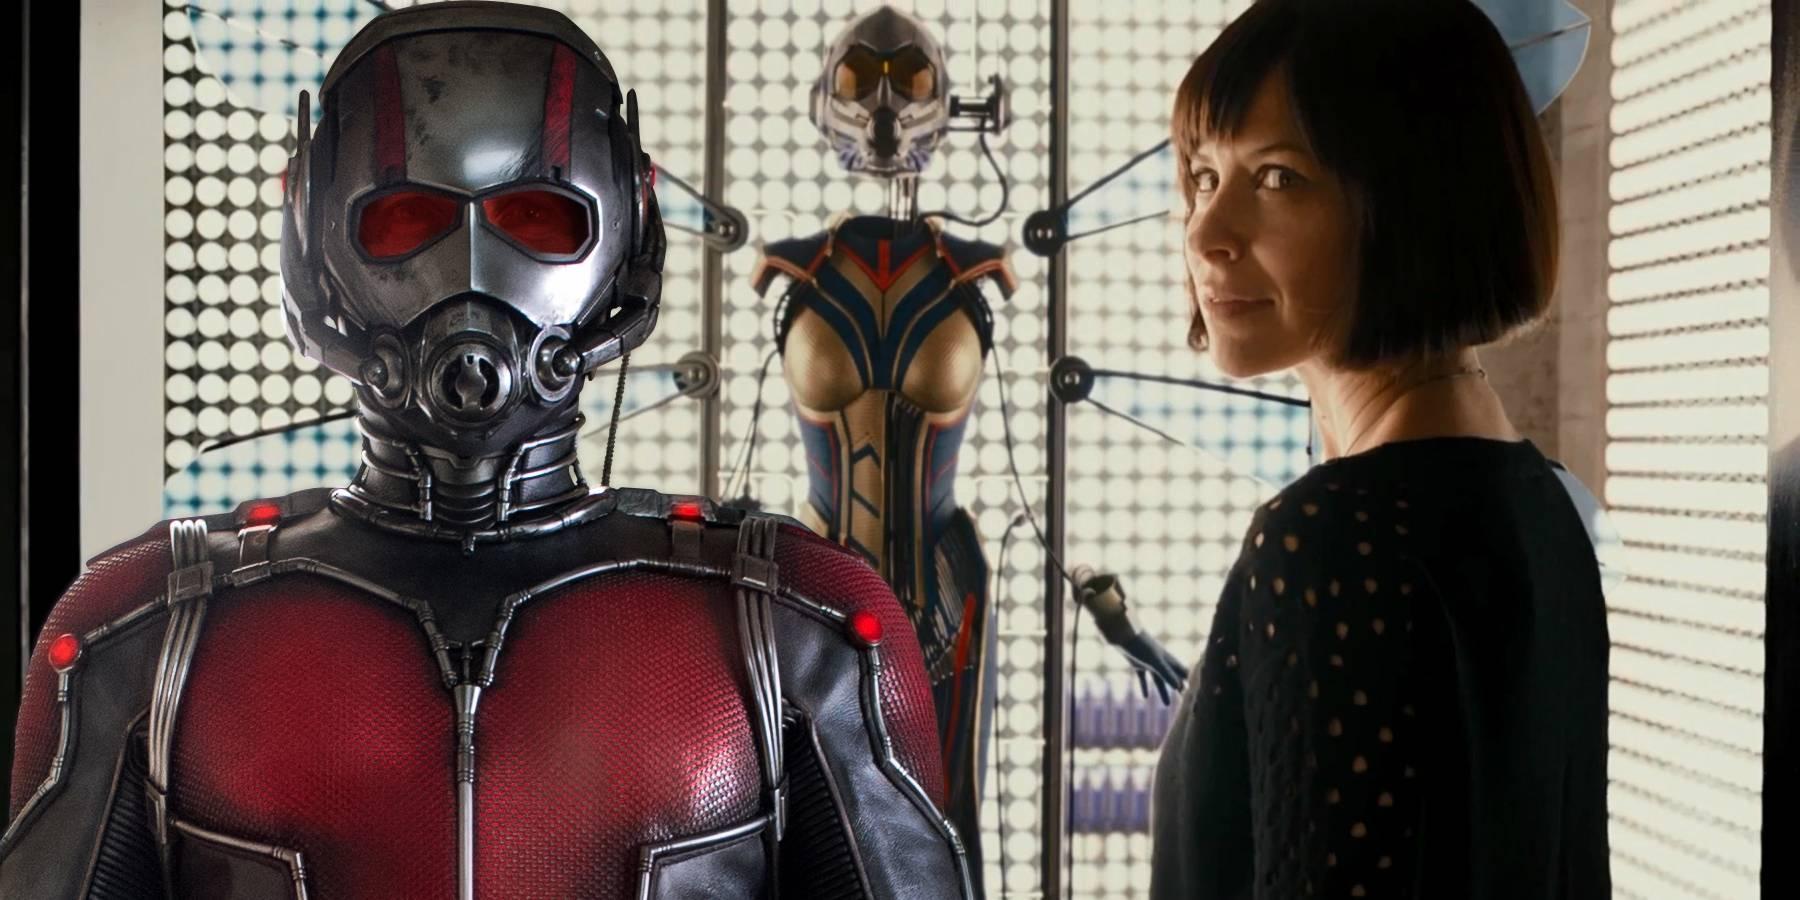 Будущие фильмы Marvel: что будет с киновселенной теперь?